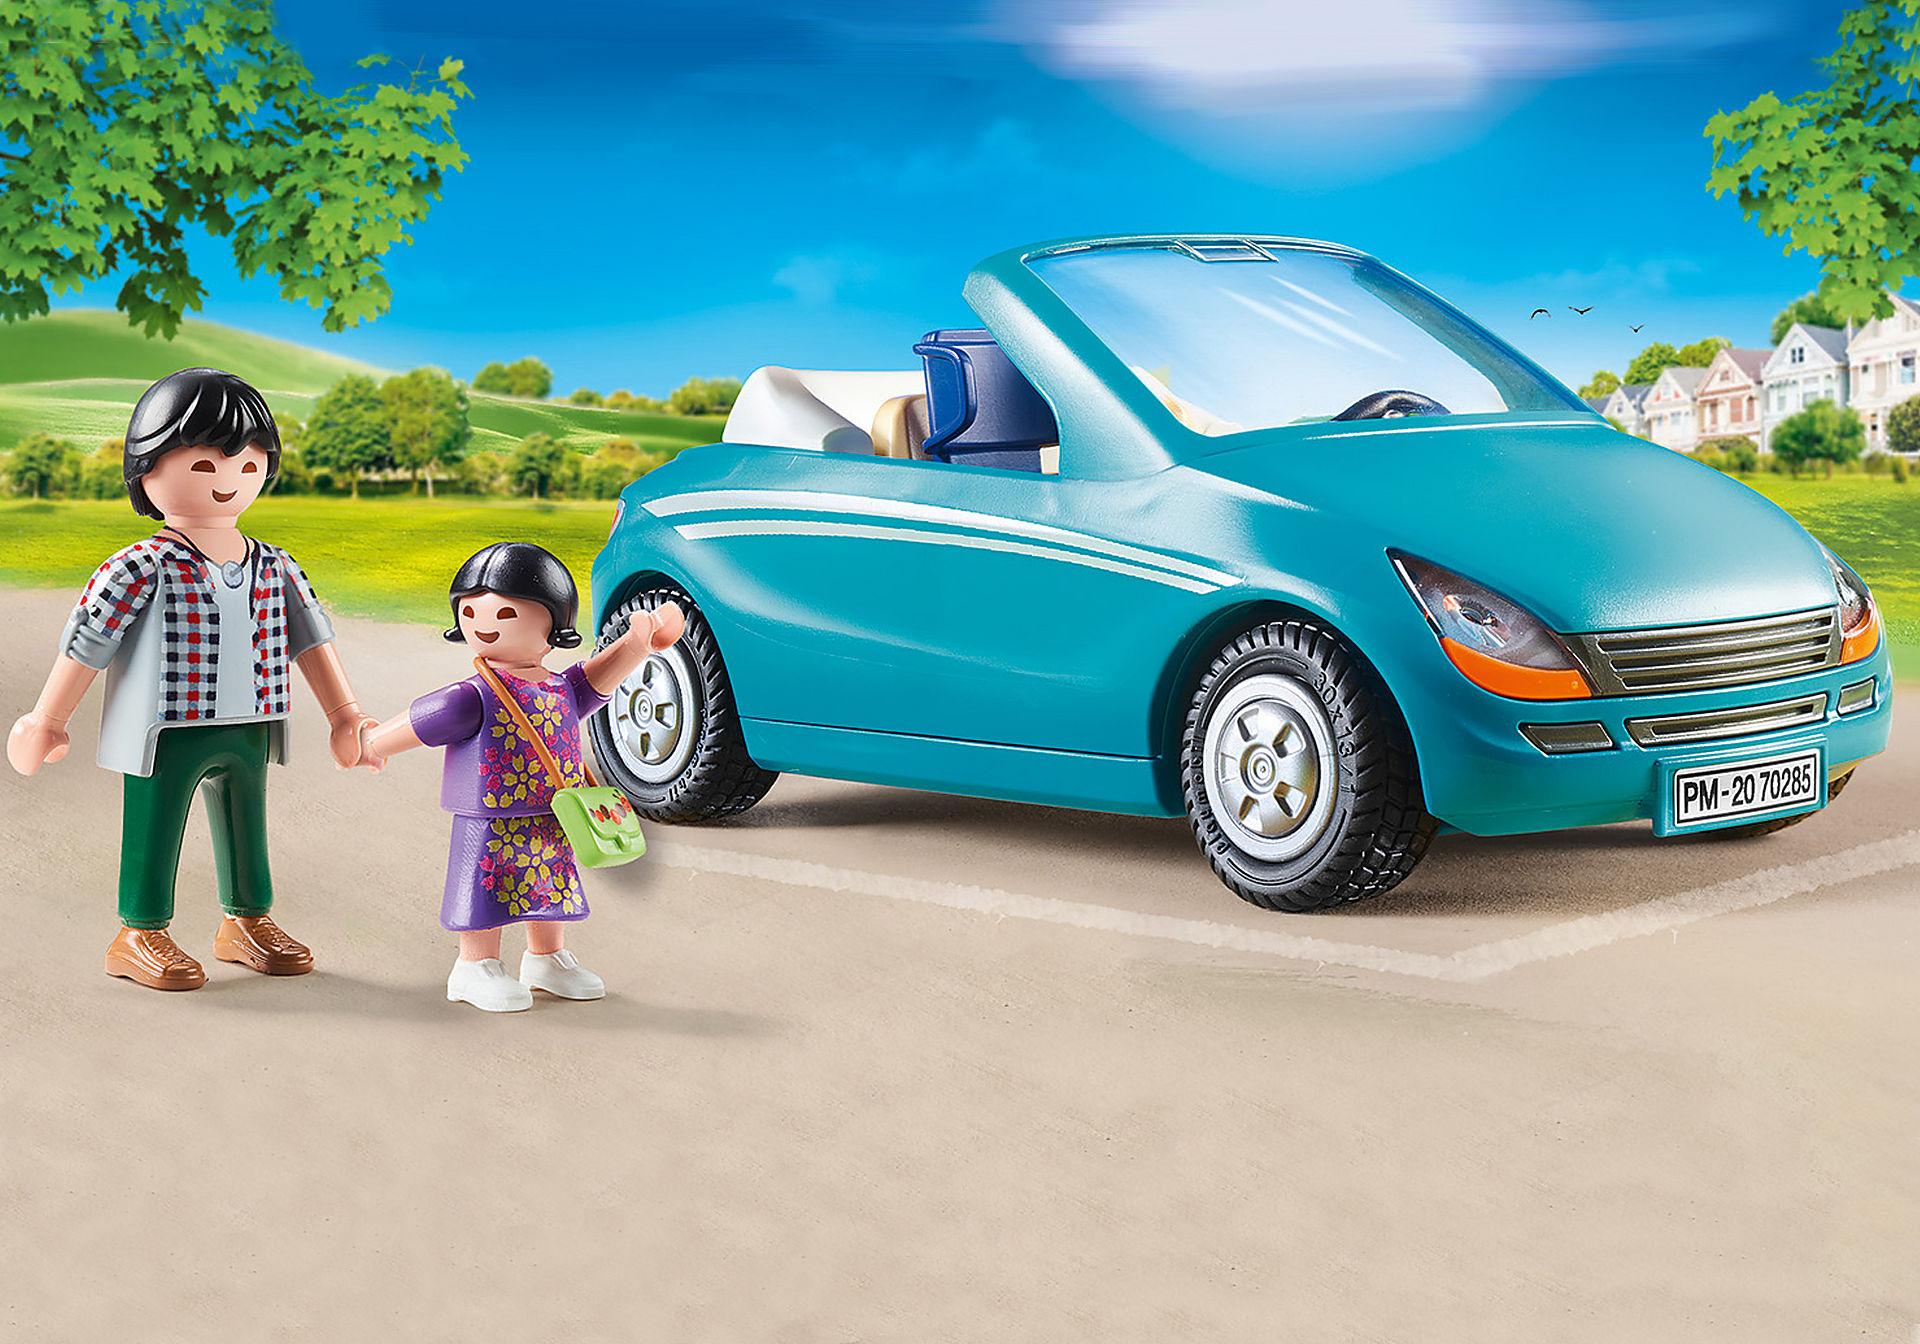 70285 Papa avec enfant et voiture cabriolet zoom image1